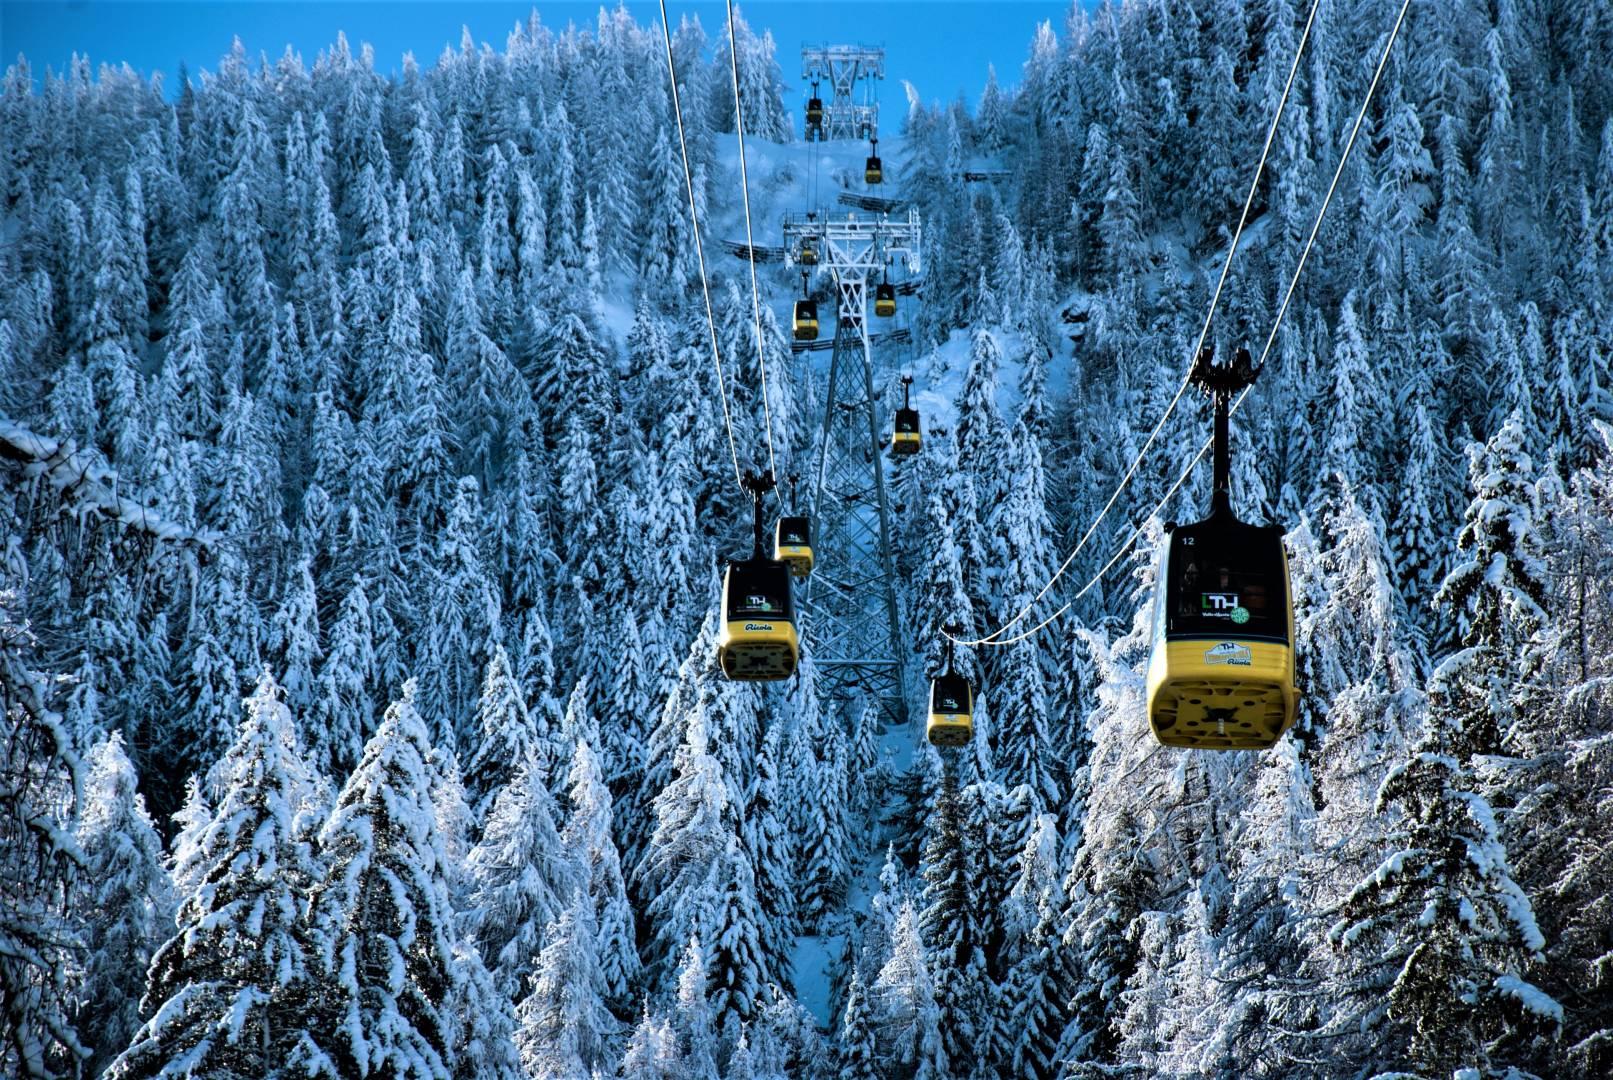 1^dicembre 2018 - Al via la stagione invernale di La Thuile